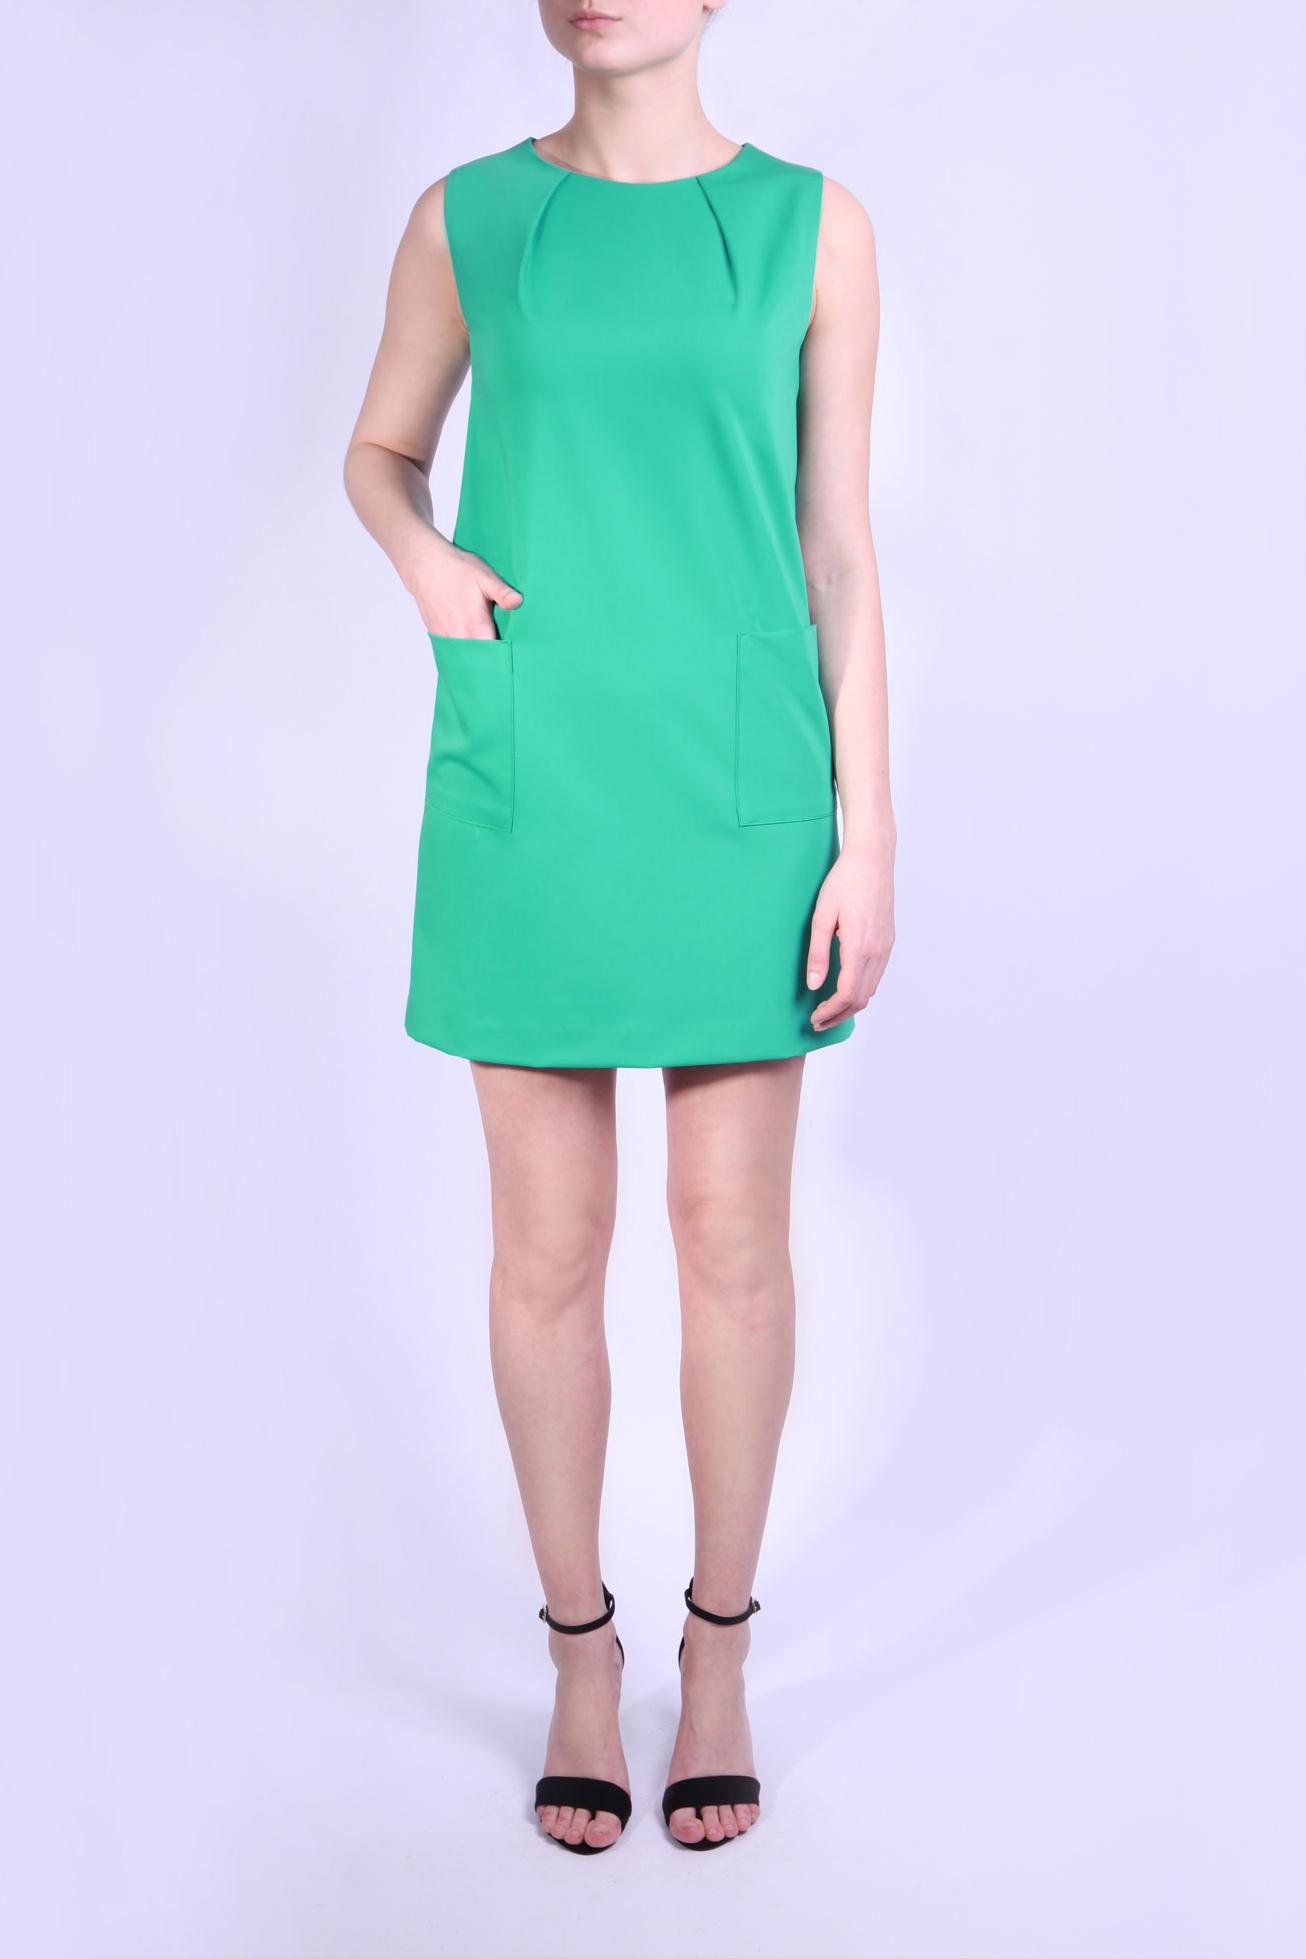 ПлатьеПлатья<br>Платье без рукавов, круглая горловина, защипы по горловине, накладные карманы, потайная молния 18-20 см сзади  Параметры размеров: Обхват груди размер 42 - 84 см, размер 44 - 88 см, размер 46 - 92 см, размер 48 - 96 см, размер 50 - 100 см, размер 52 - 104 см Обхват талии размер 42 - 64 см, размер 44 - 68 см, размер 46 - 72 см, размер 48 - 76 см, размер 50 - 80 см, размер 52 - 84 см Обхват бедер размер 42 - 92 см, размер 44 - 96 см, размер 46 - 100 см, размер 48 - 104 см, размер 50 - 108 см, размер 52 - 112 см  В изделии использованы цвета: зеленый  Ростовка изделия 164 см.<br><br>Горловина: С- горловина<br>По длине: До колена,Мини<br>По материалу: Вискоза,Тканевые<br>По образу: Город,Свидание<br>По рисунку: Однотонные<br>По силуэту: Полуприталенные<br>По стилю: Офисный стиль,Повседневный стиль<br>По форме: Платье - трапеция<br>По элементам: С карманами,Со складками<br>Рукав: Без рукавов<br>По сезону: Осень,Весна<br>Размер : 42,44,46,48,50,52<br>Материал: Плательная ткань<br>Количество в наличии: 10